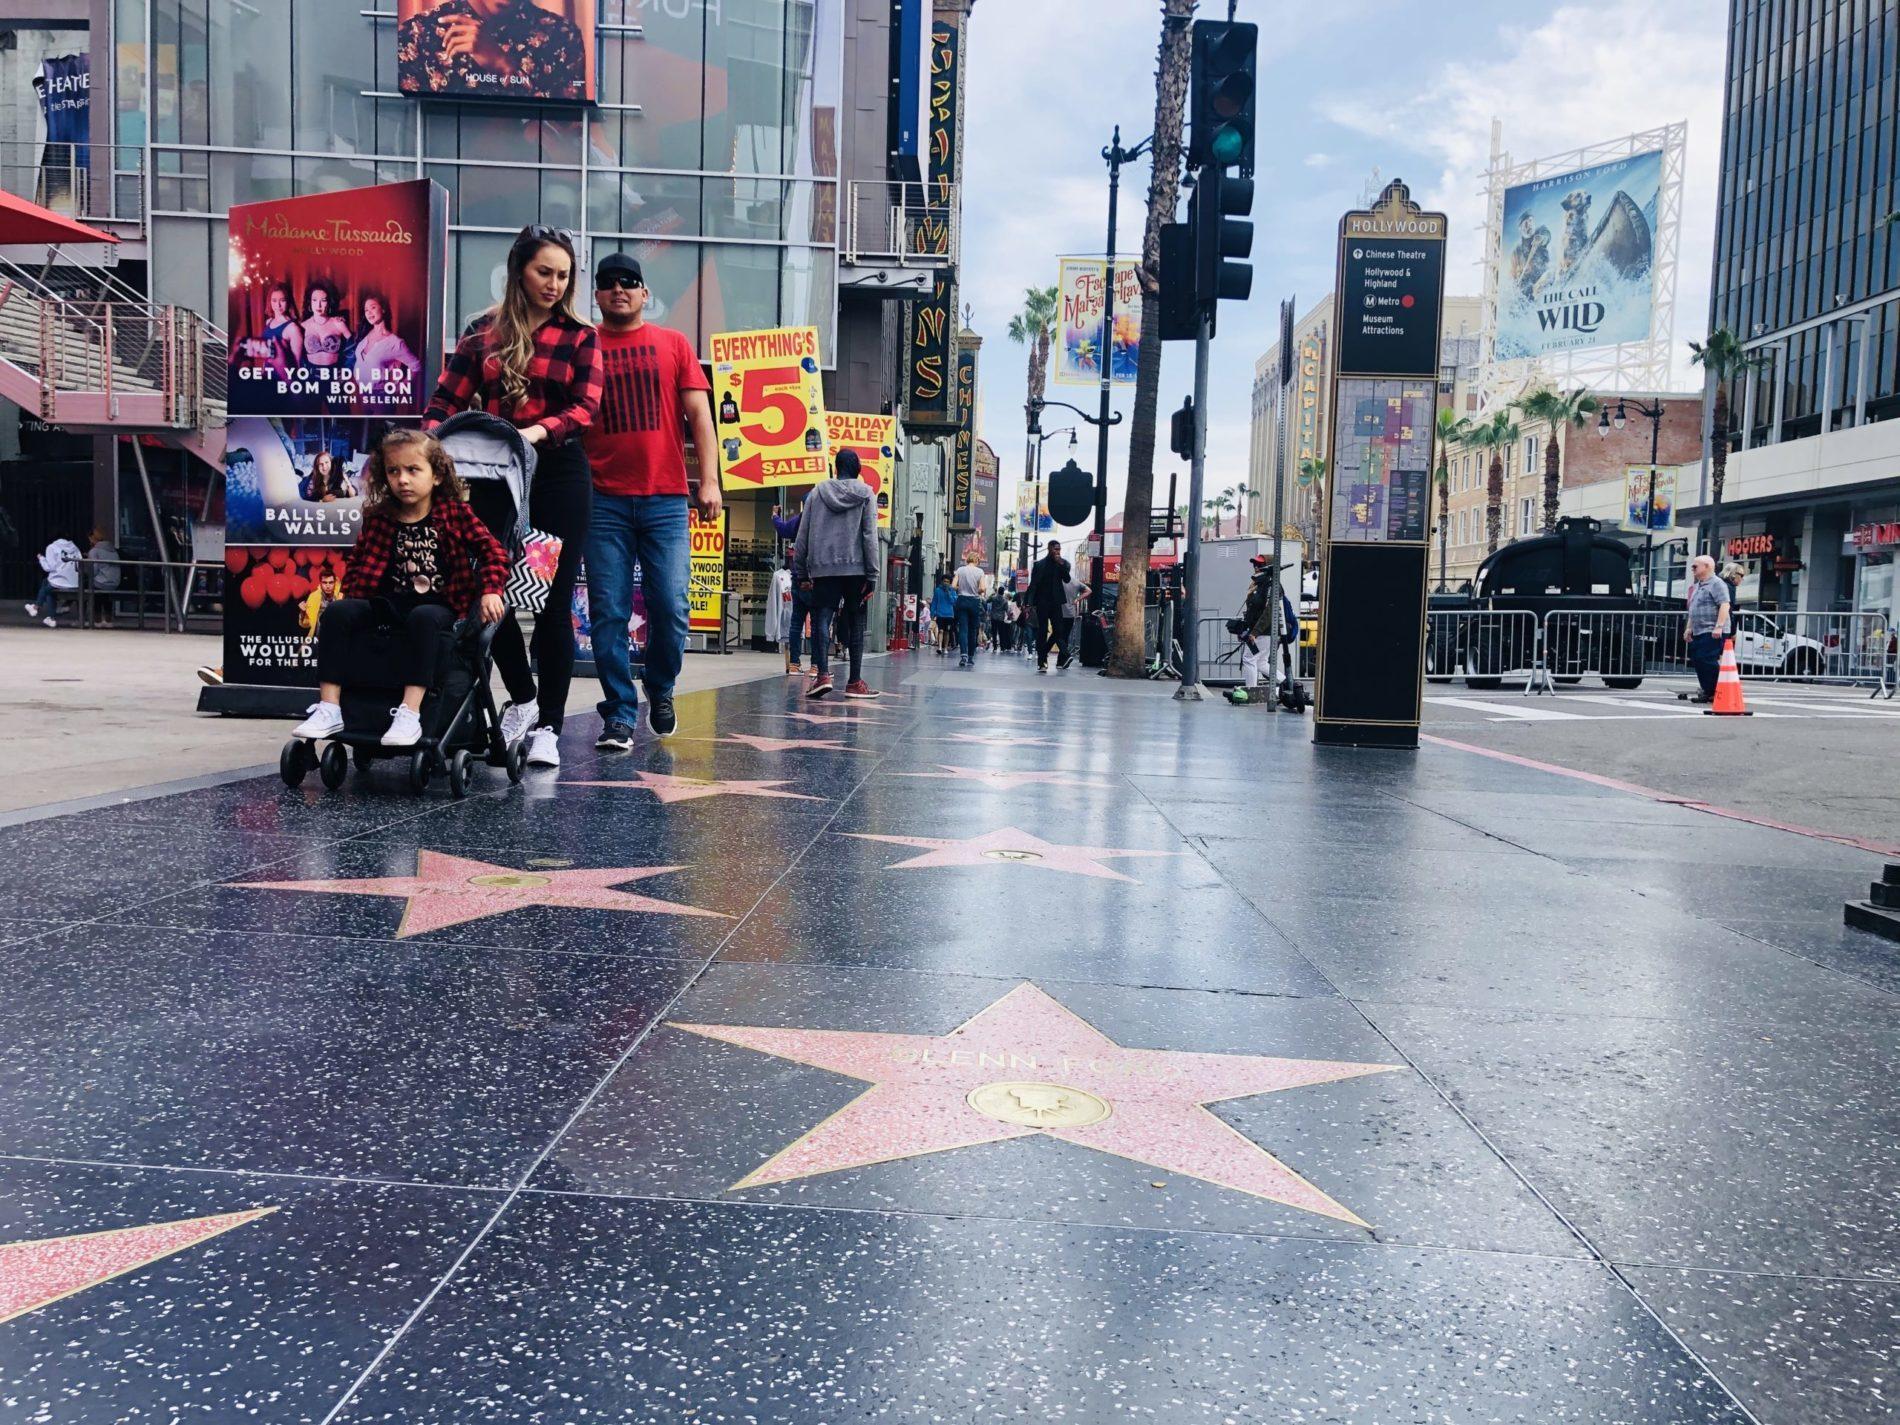 Paseo de las estrella